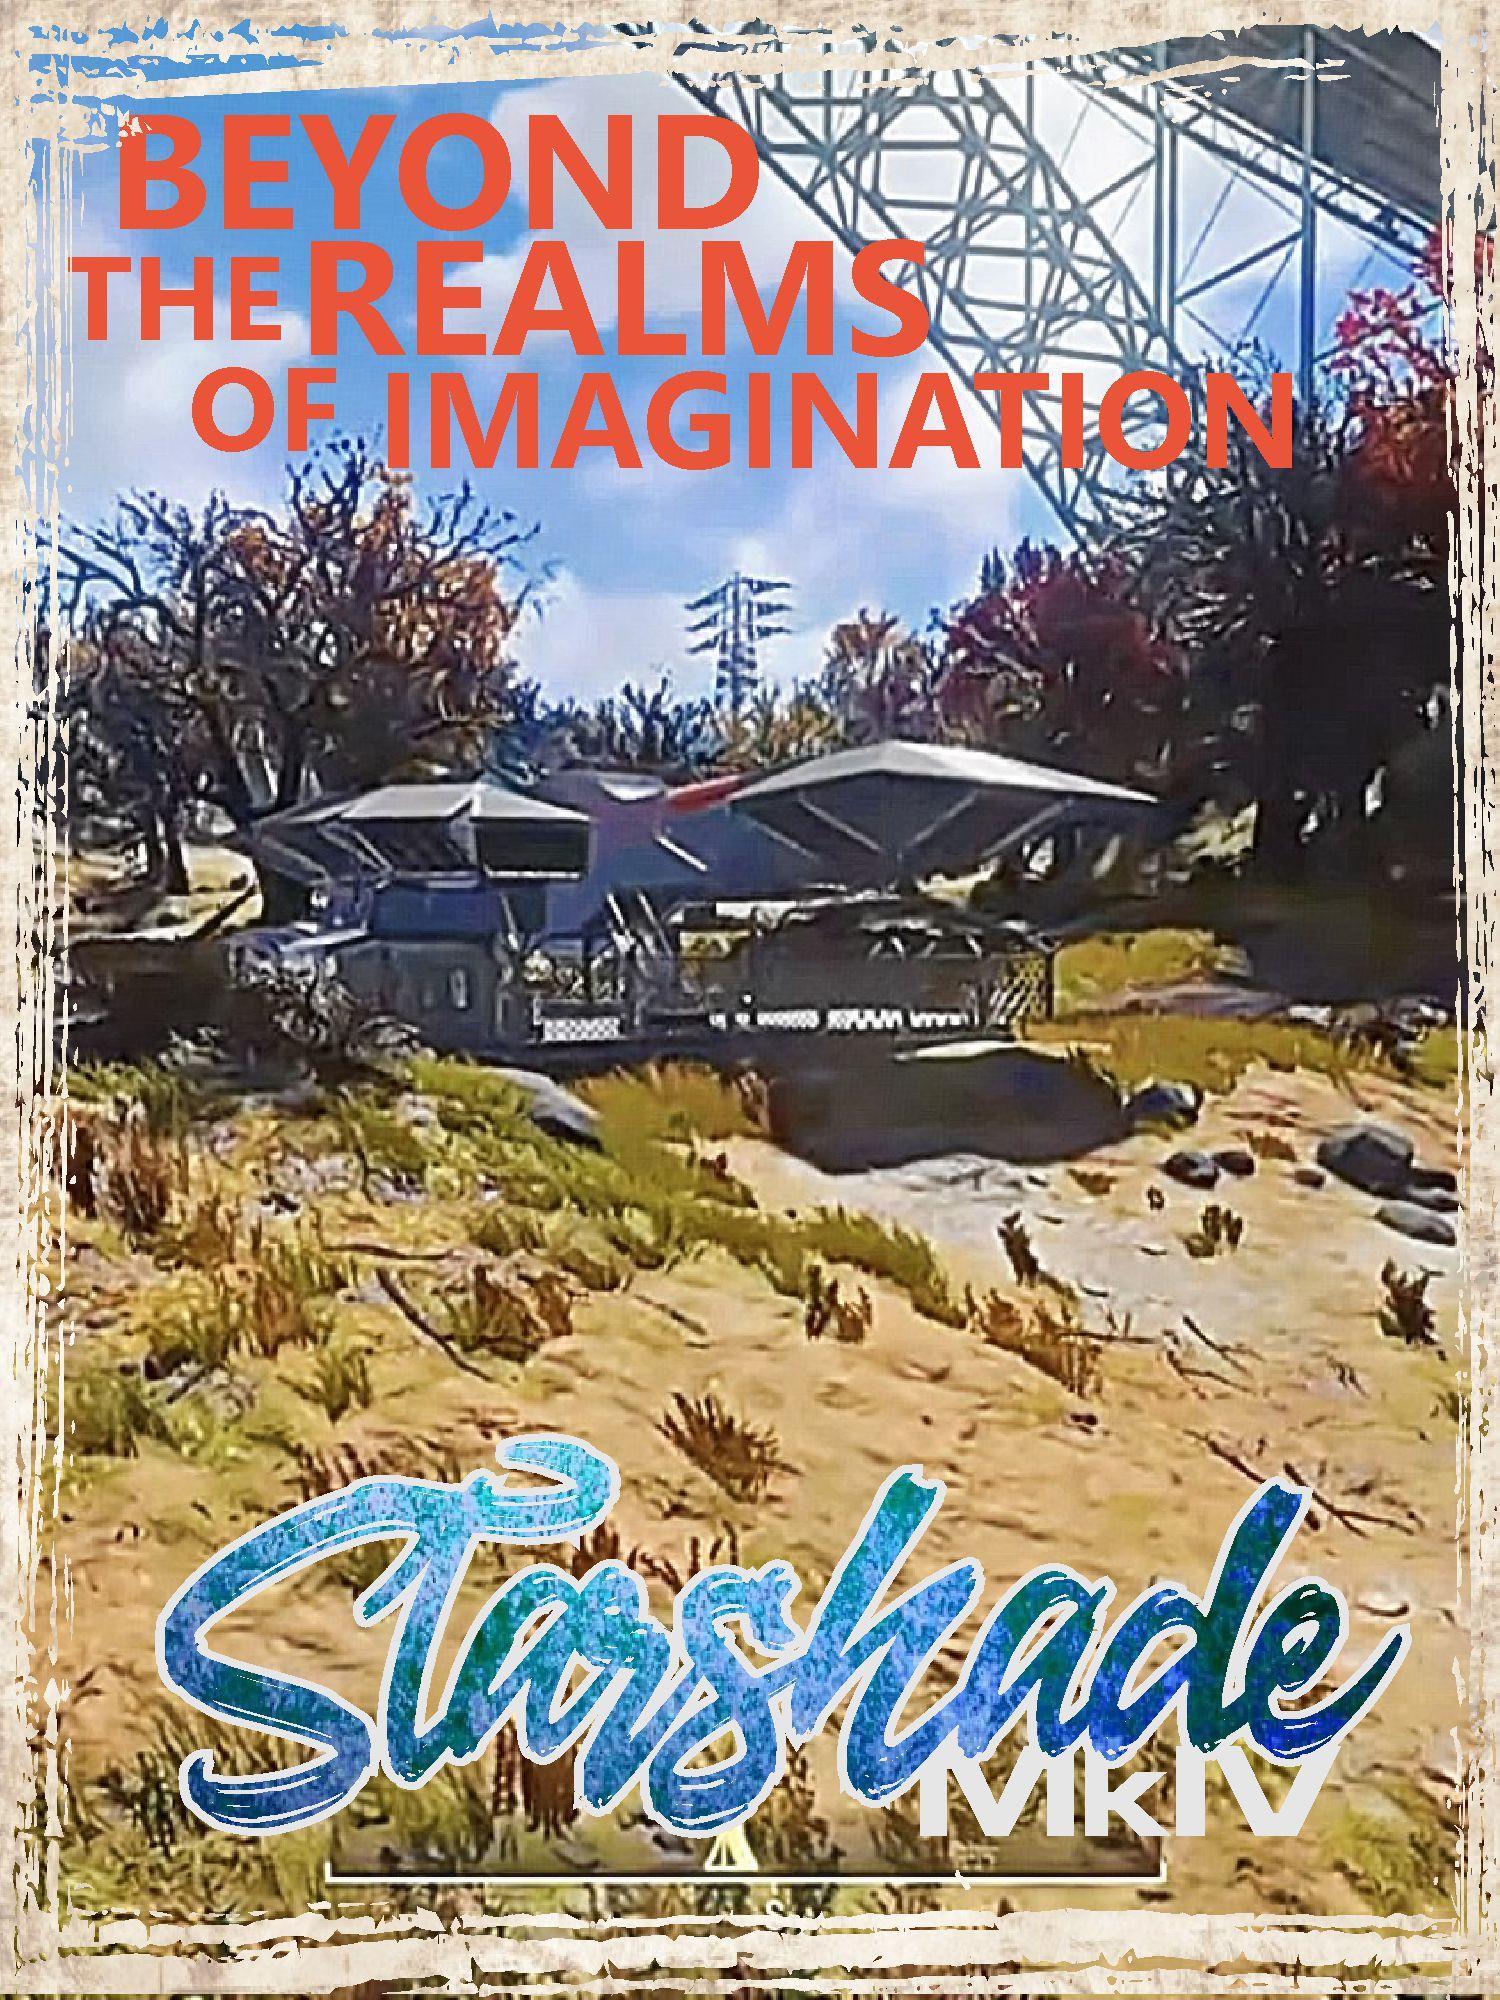 Starshade MkIV